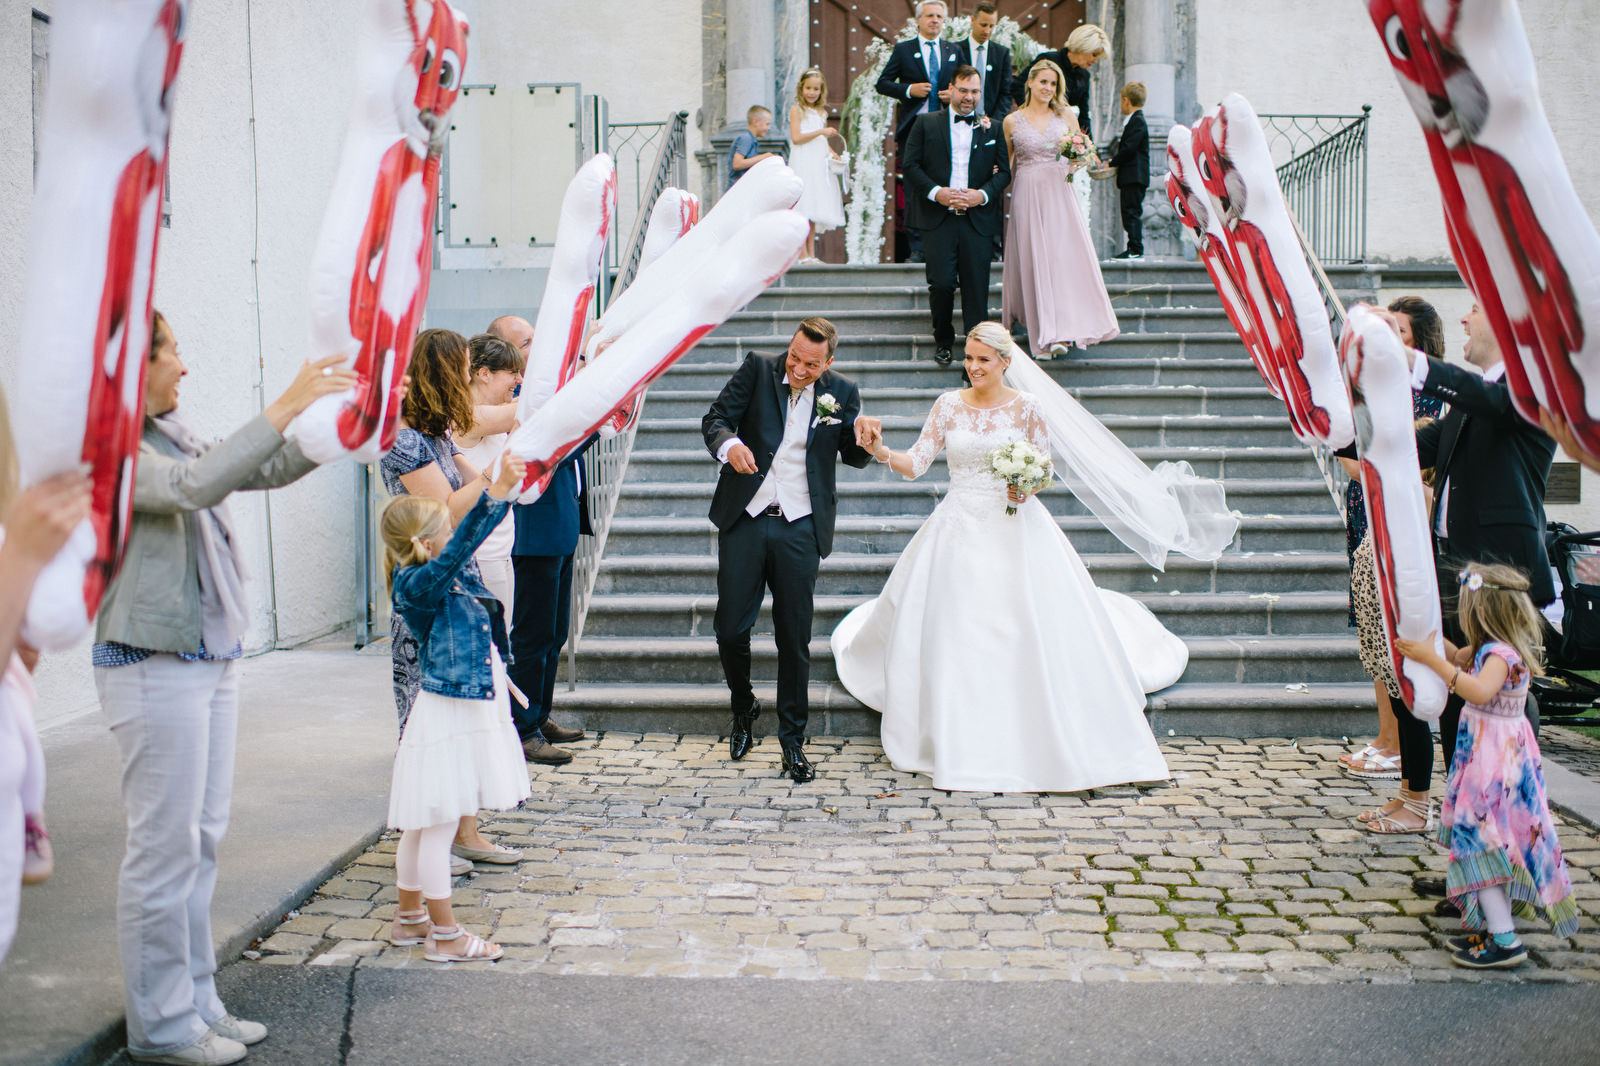 Fotograf Konstanz - Luxus Hochzeit Fotograf Grand Resort Bad Ragaz Schweiz Lichtenstein 091 - Destination wedding at the Grand Resort Bad Ragaz, Swiss  - 157 -